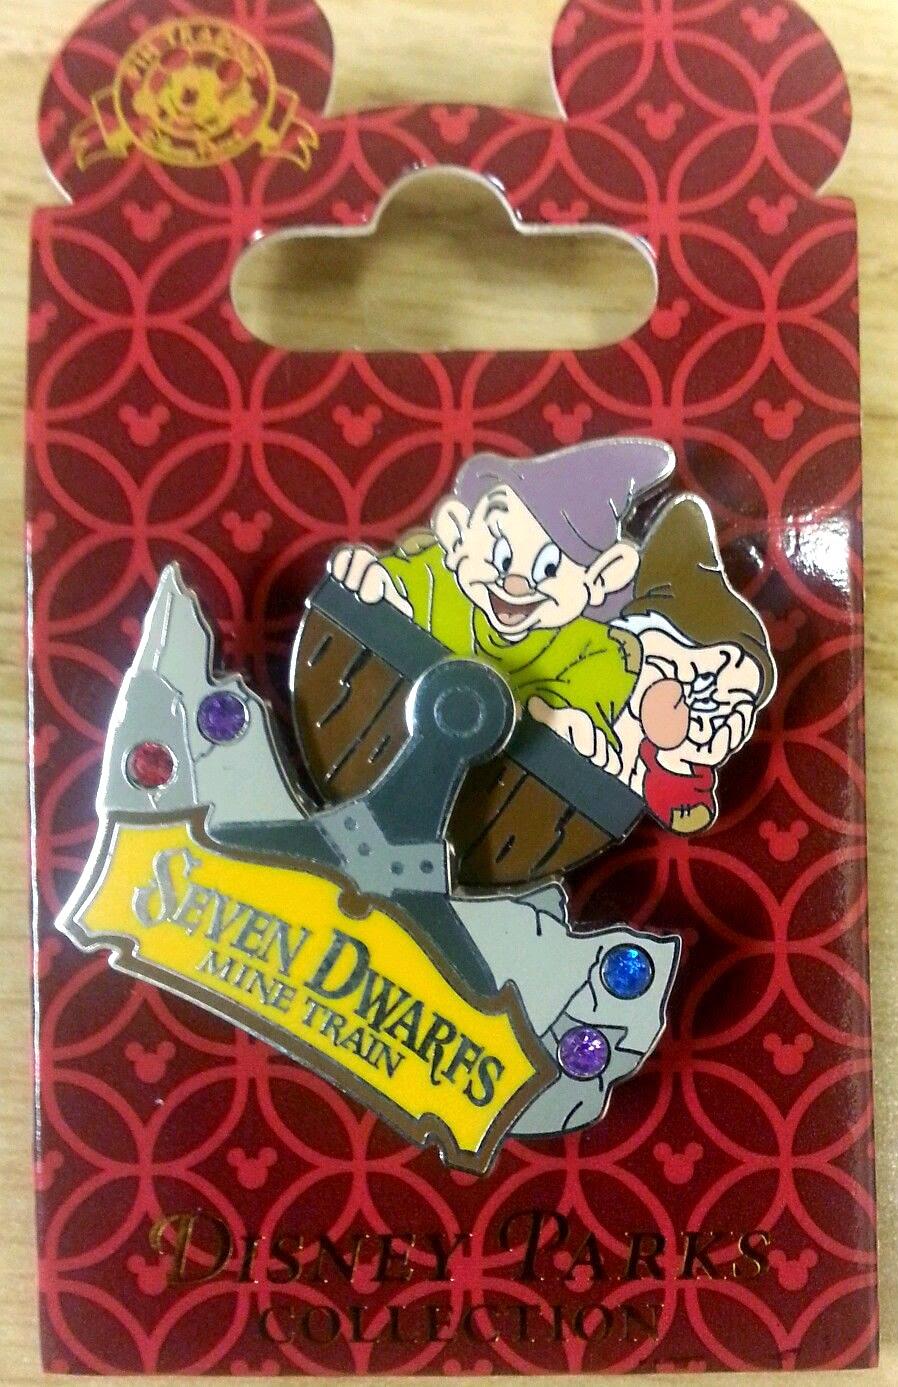 7 dwarfs mine train pins